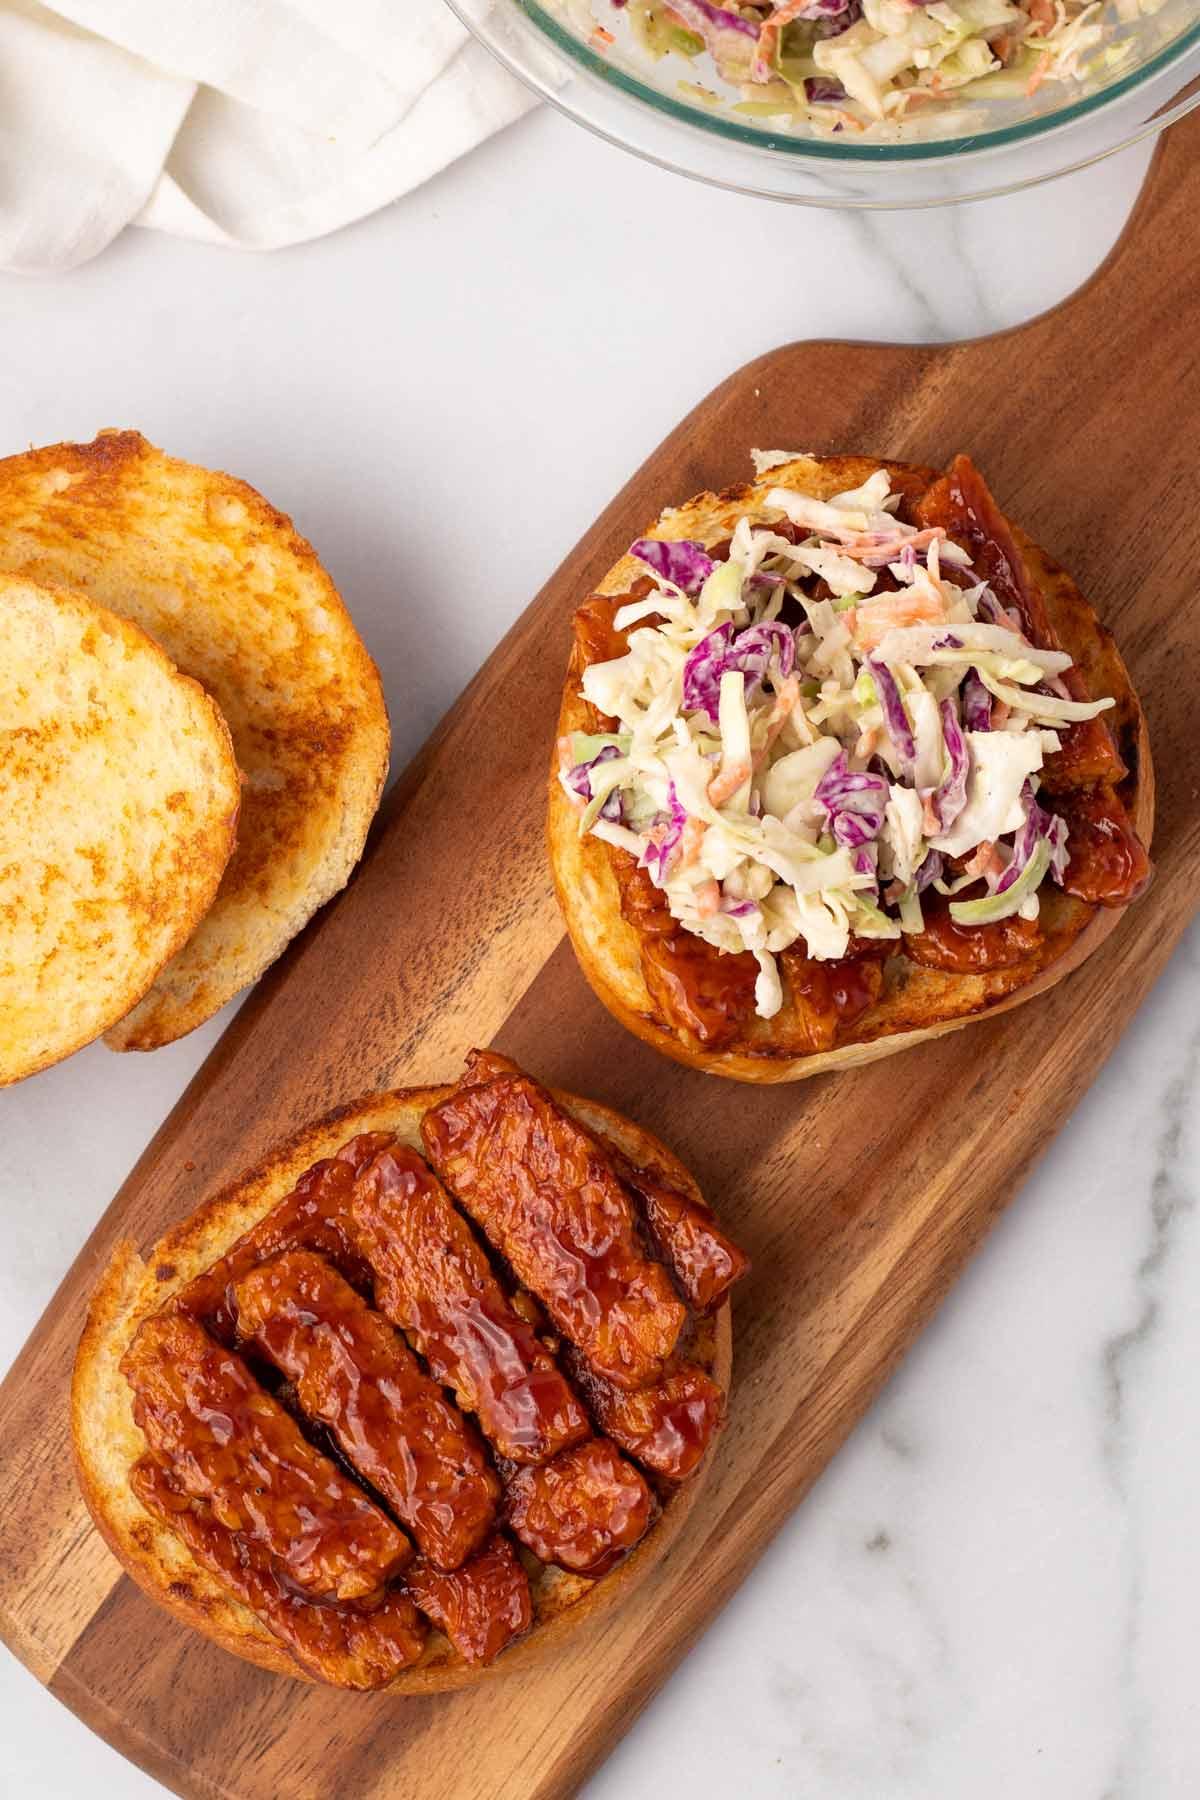 overhead of vegan bbq tempeh sandwich with coleslaw